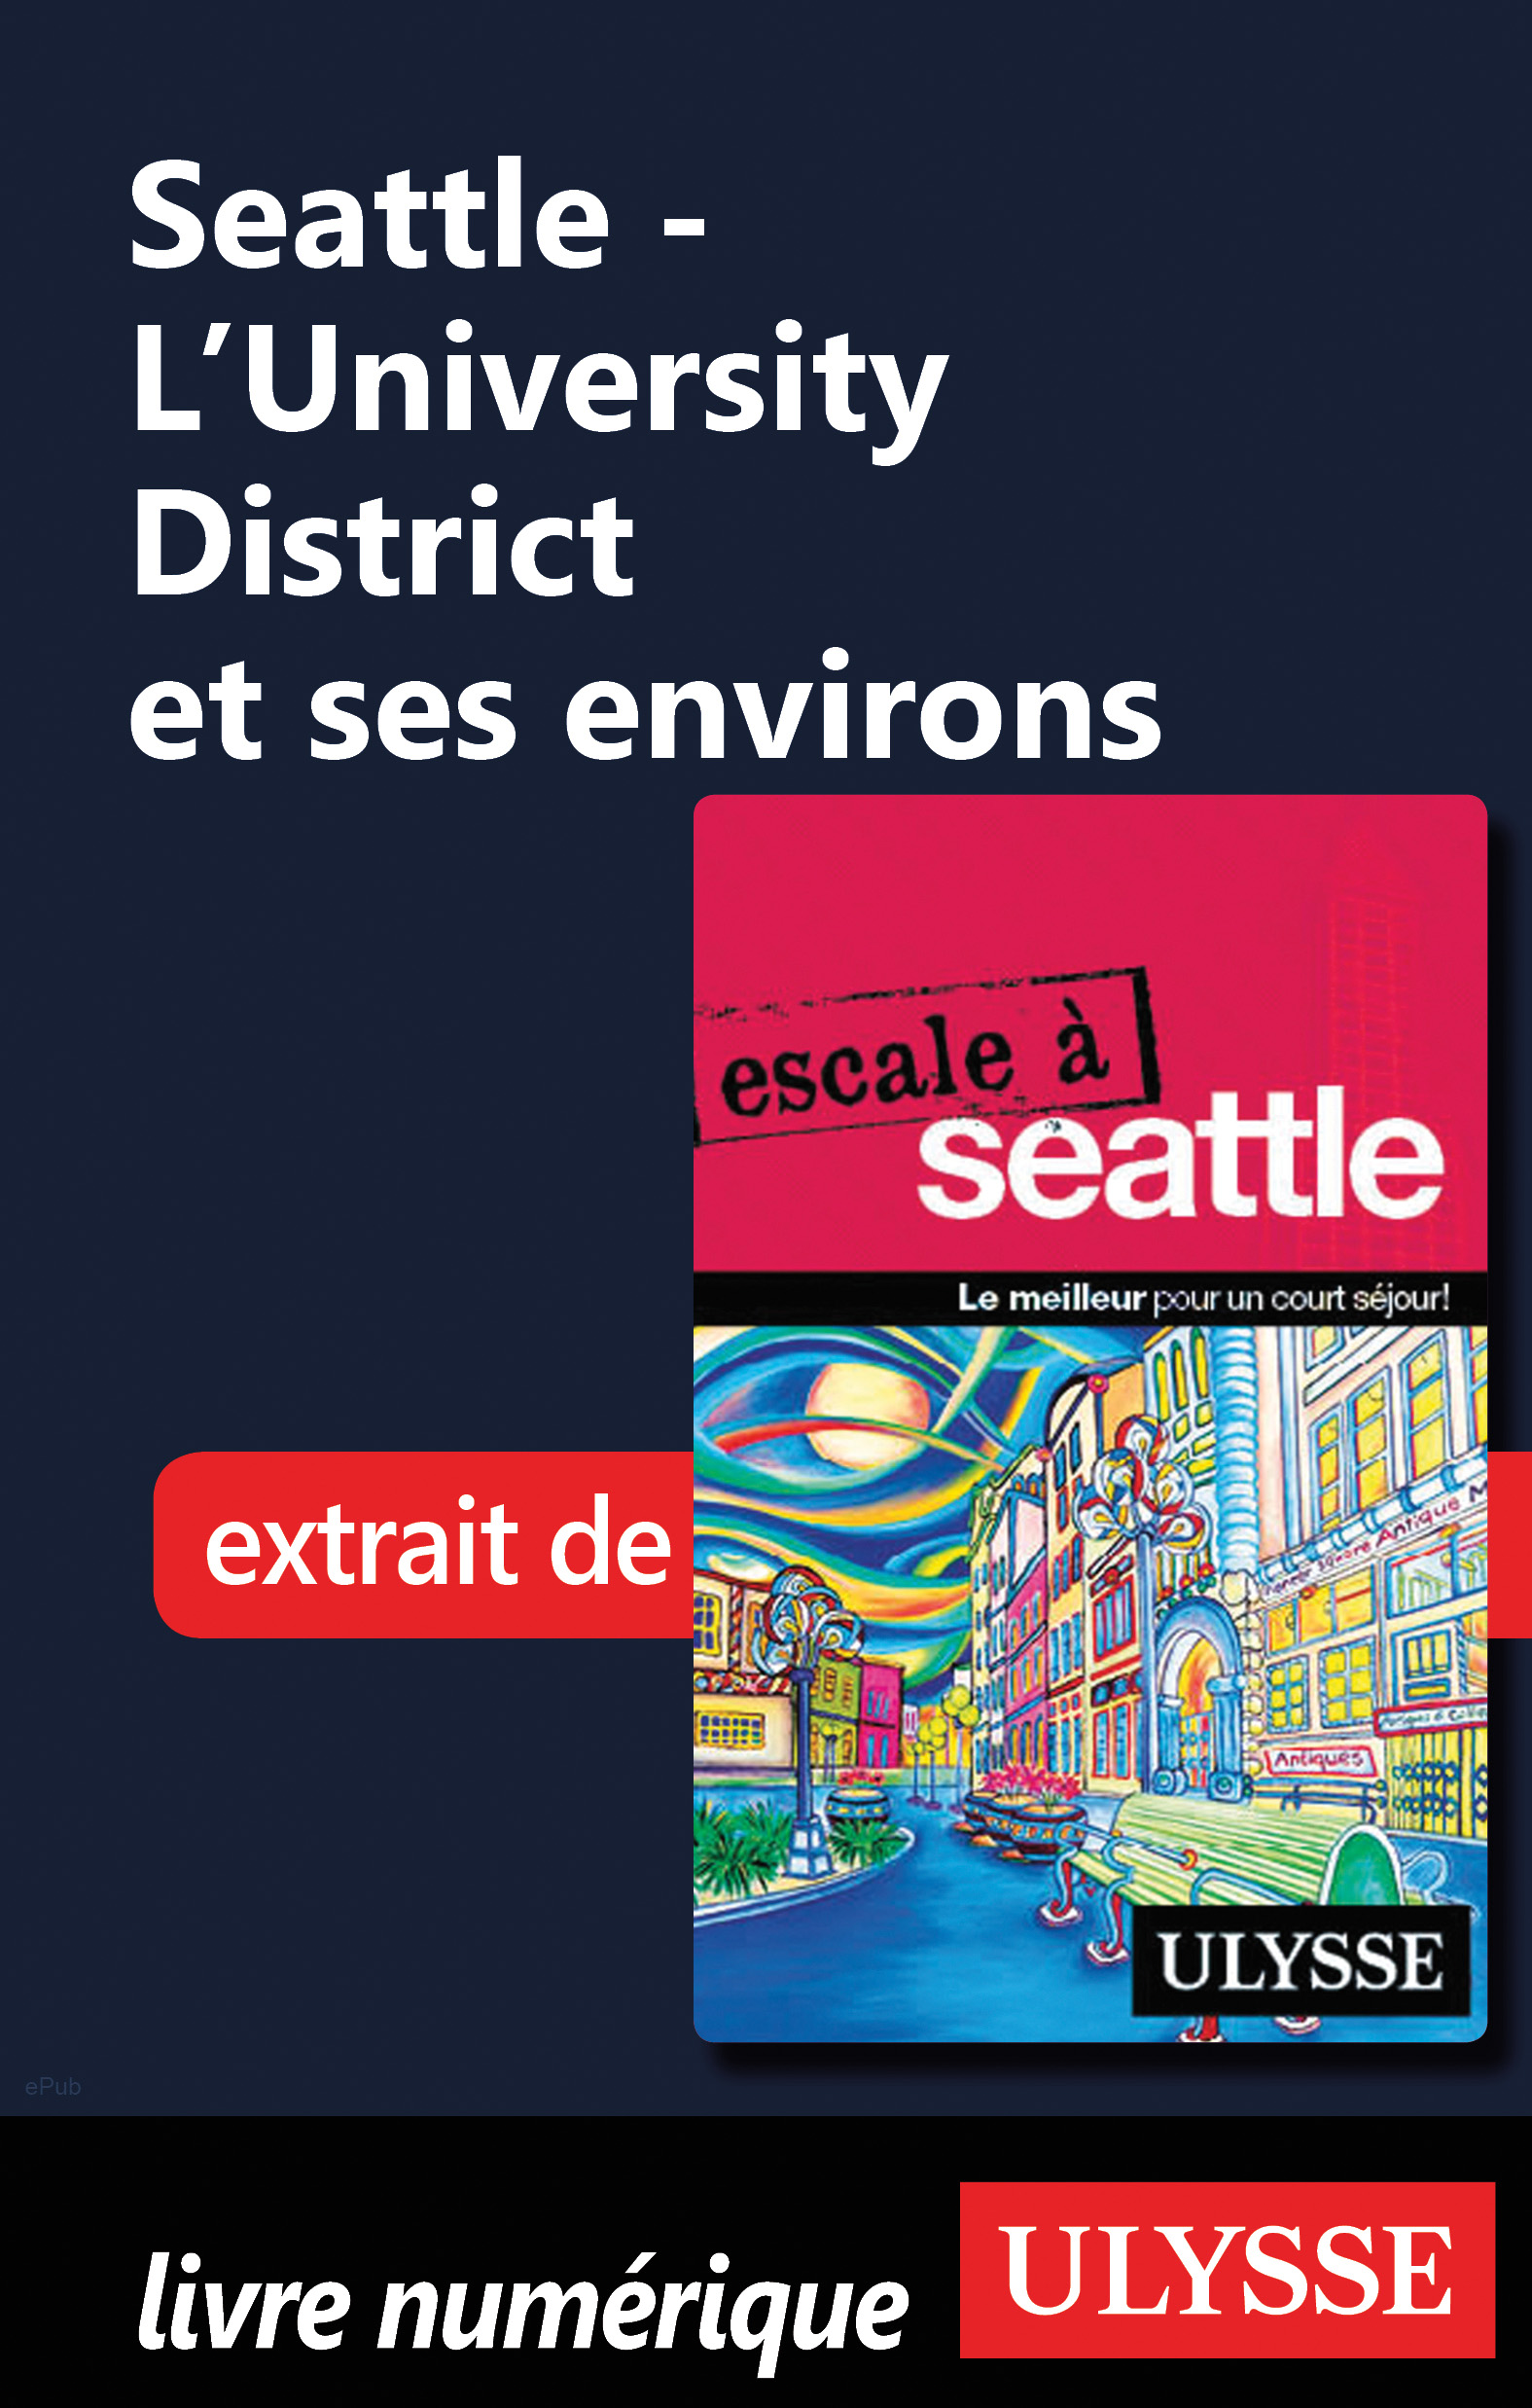 Seattle - L'University District et ses environs